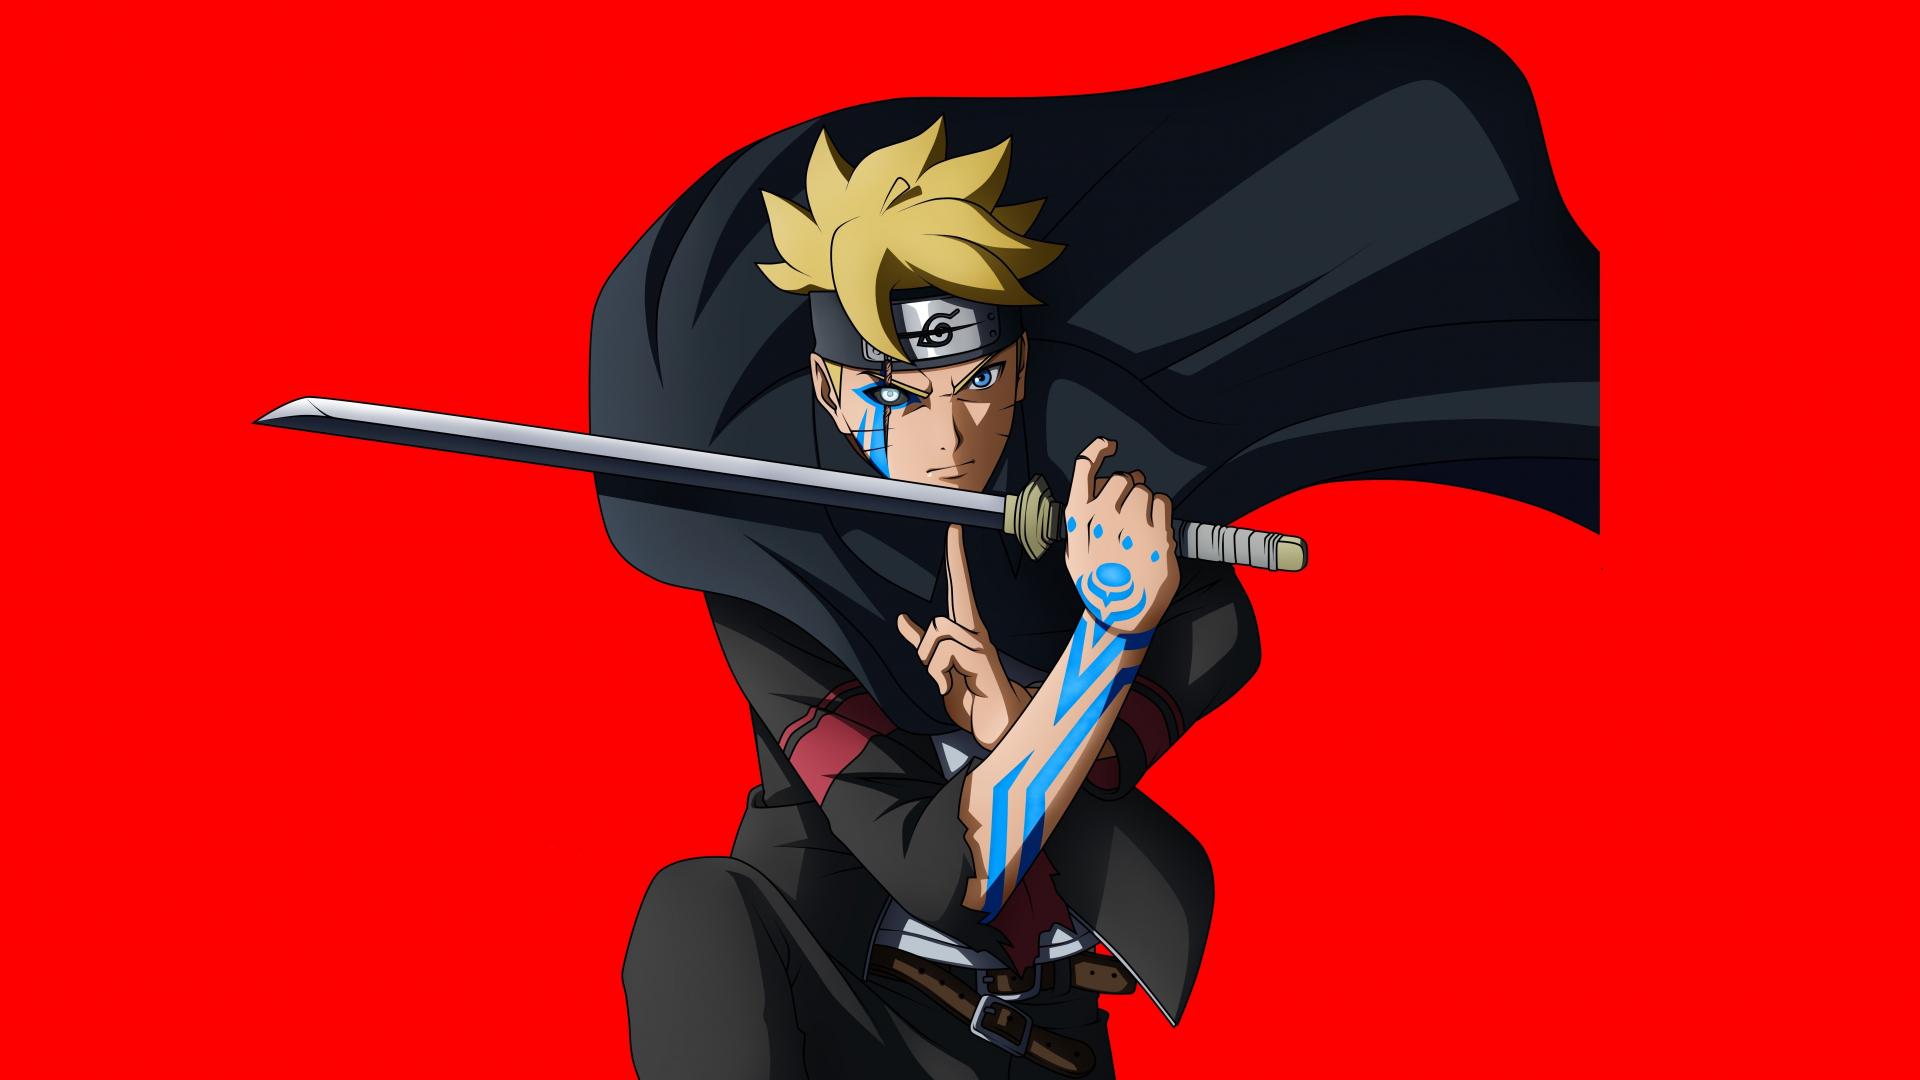 Download 1920x1080 Wallpaper Boruto Uzumaki Naruto Shippuden Anime